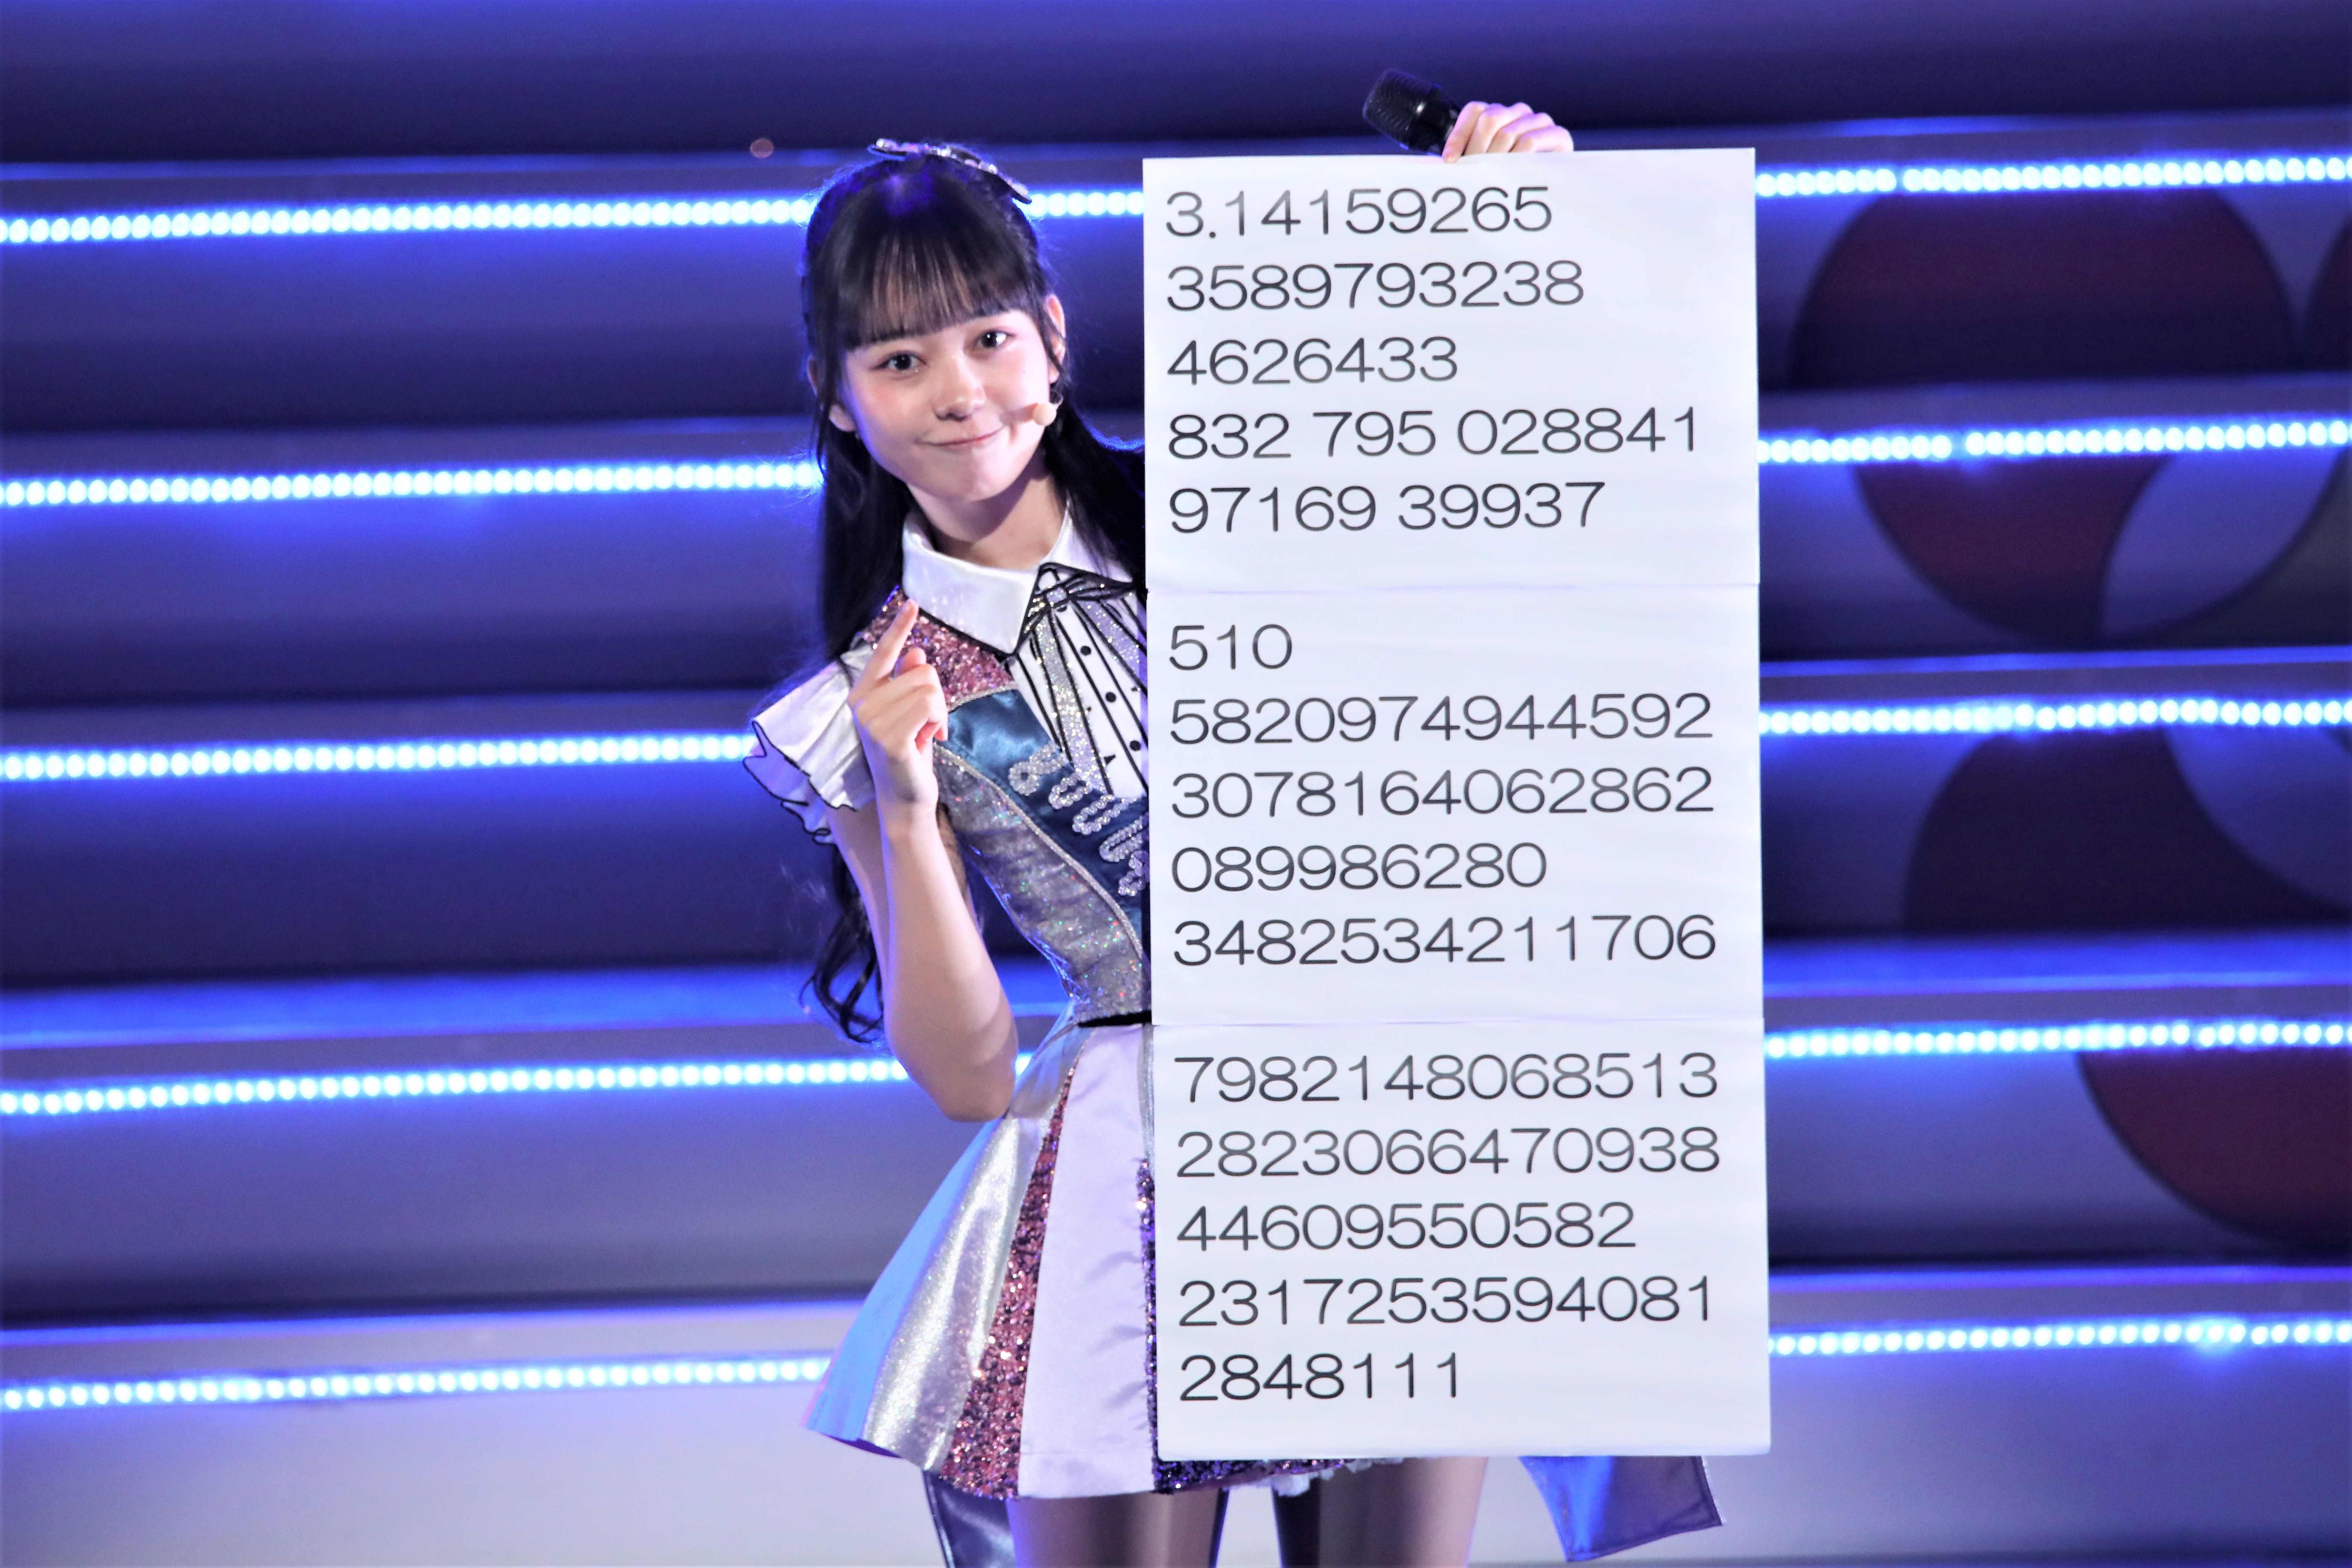 円周率155桁を掲げる大盛真歩  ©AKB48 THE AUDISHOW製作委員会  無断アップロード及び転送は一切禁止です。